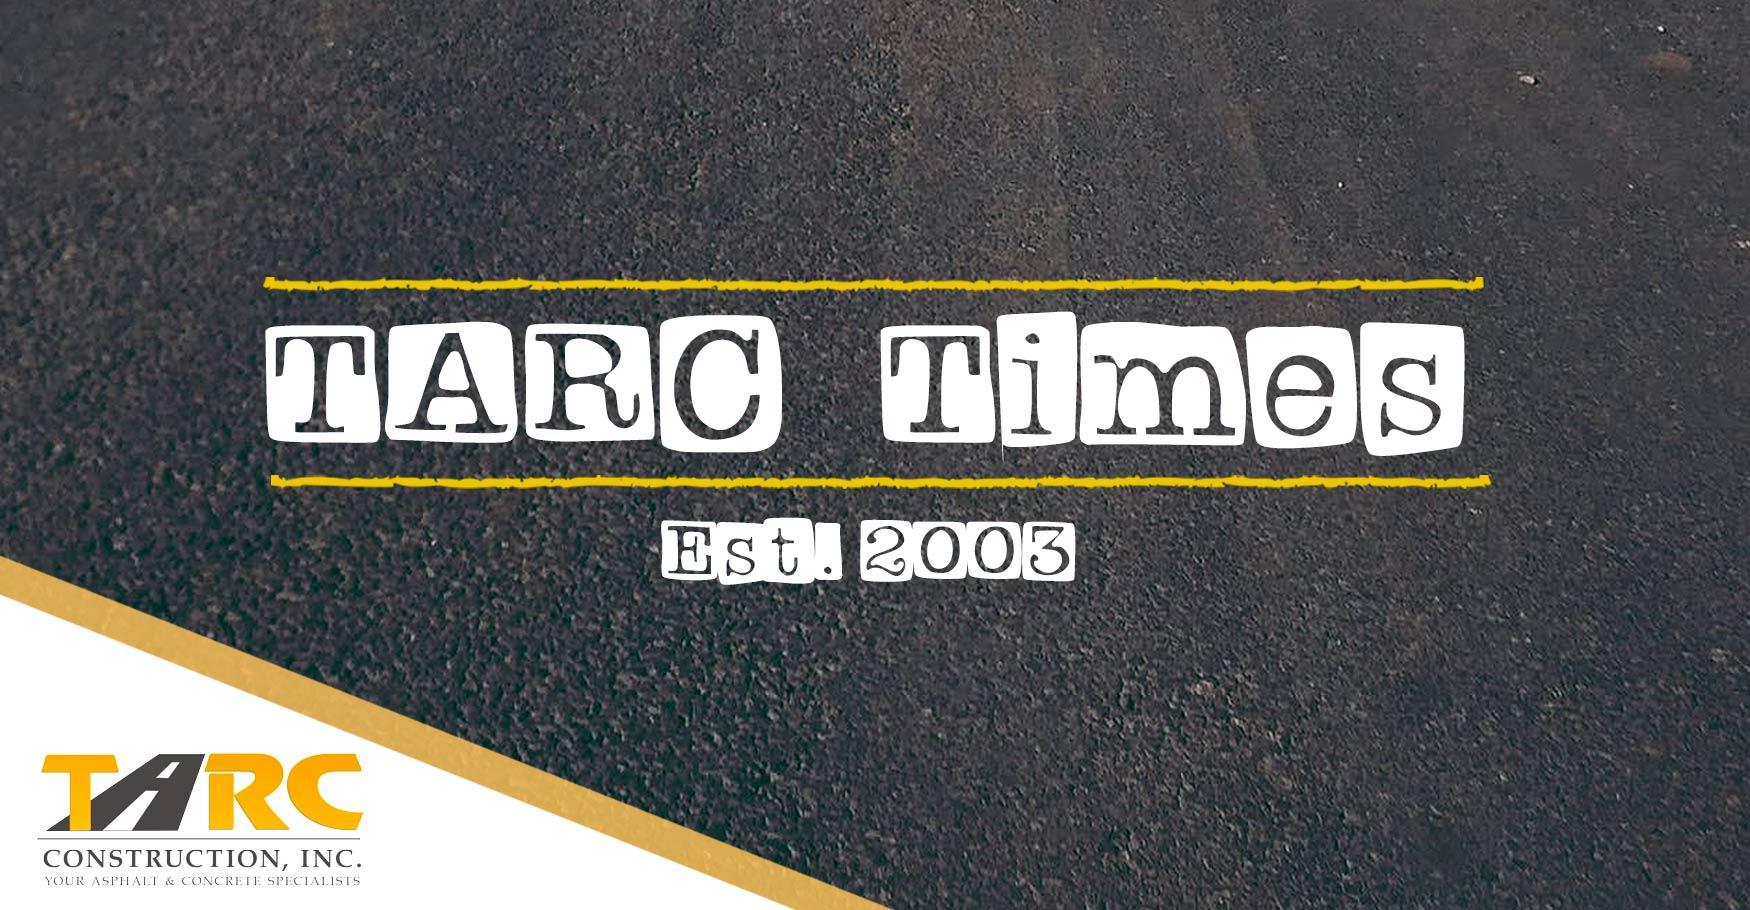 Tarc Times